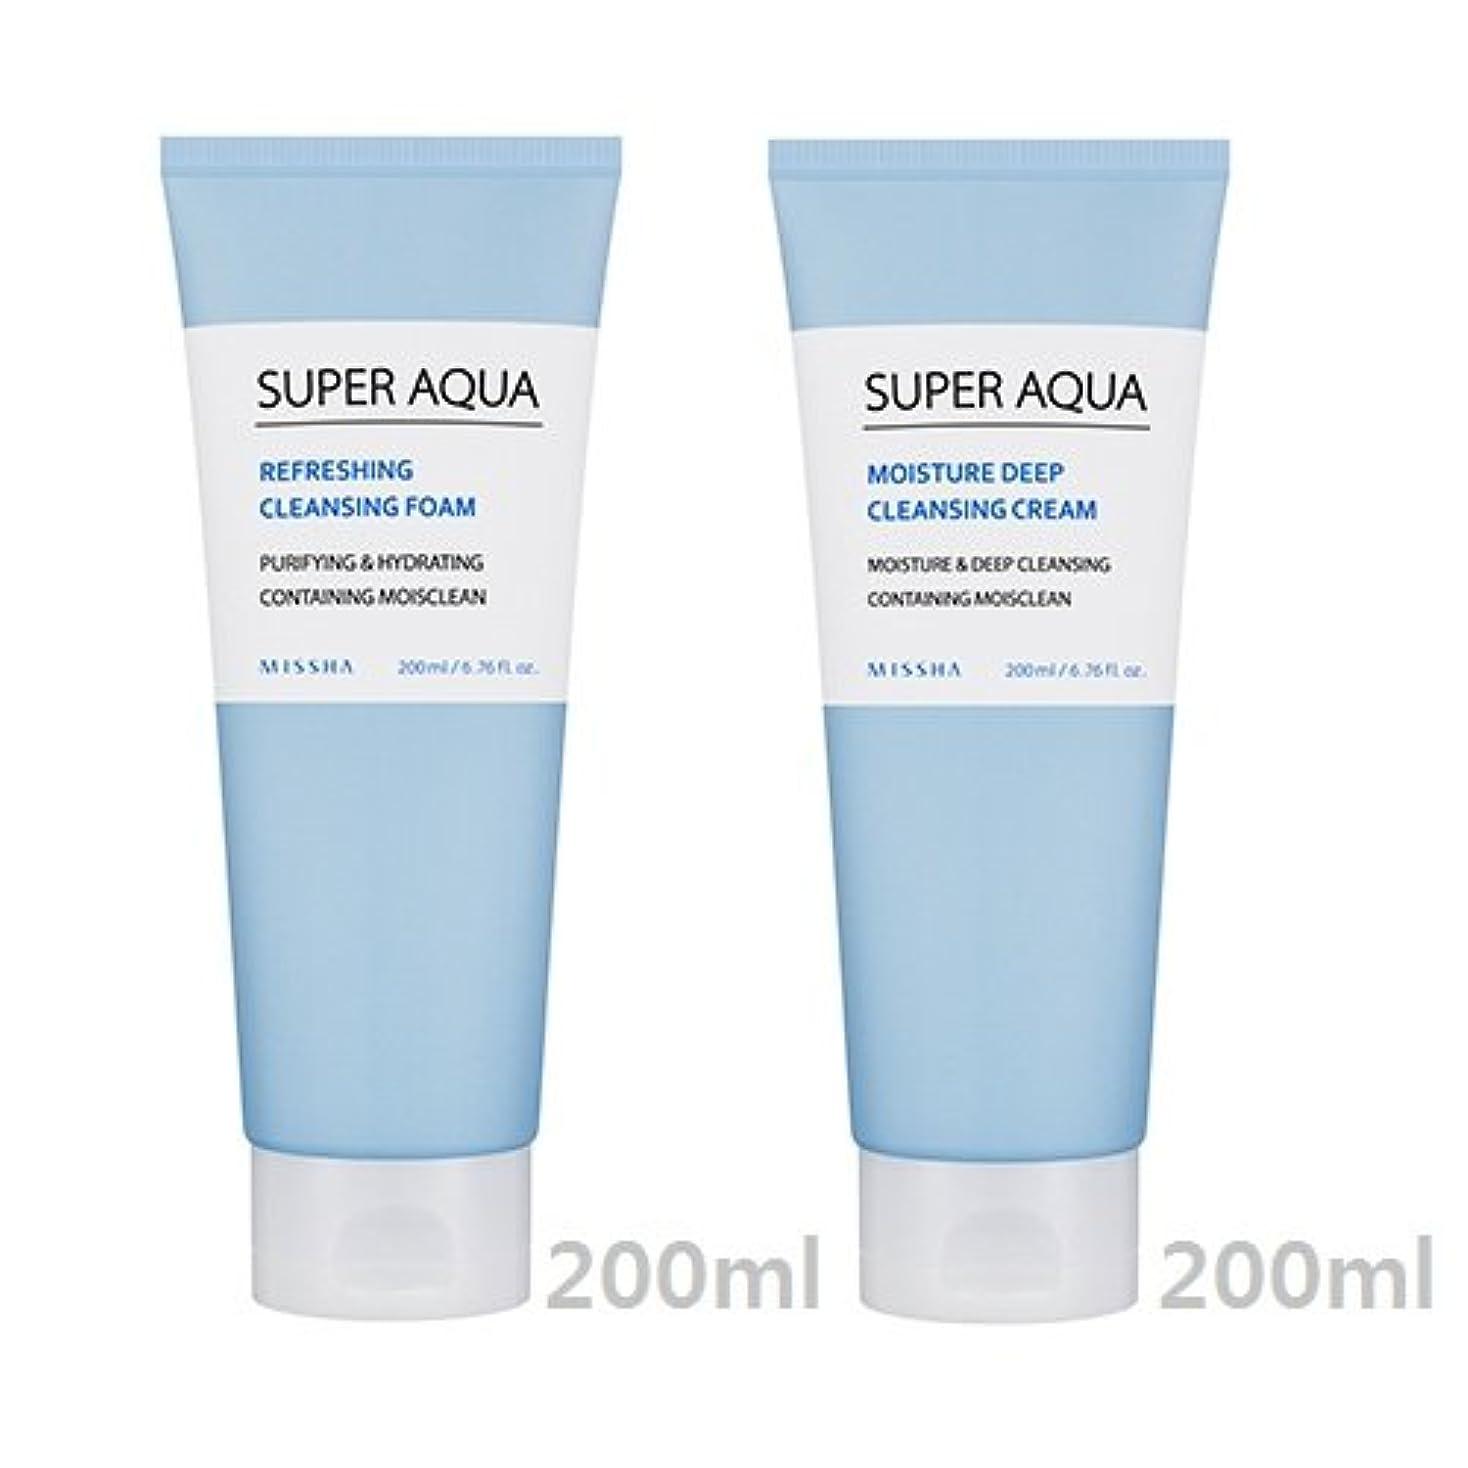 毒液スペース絶対の[1+1] MISSHA Super Aqua Cleansing Cream + Foam/ミシャ スーパー アクア クレンジング クリーム + フォーム [並行輸入品]